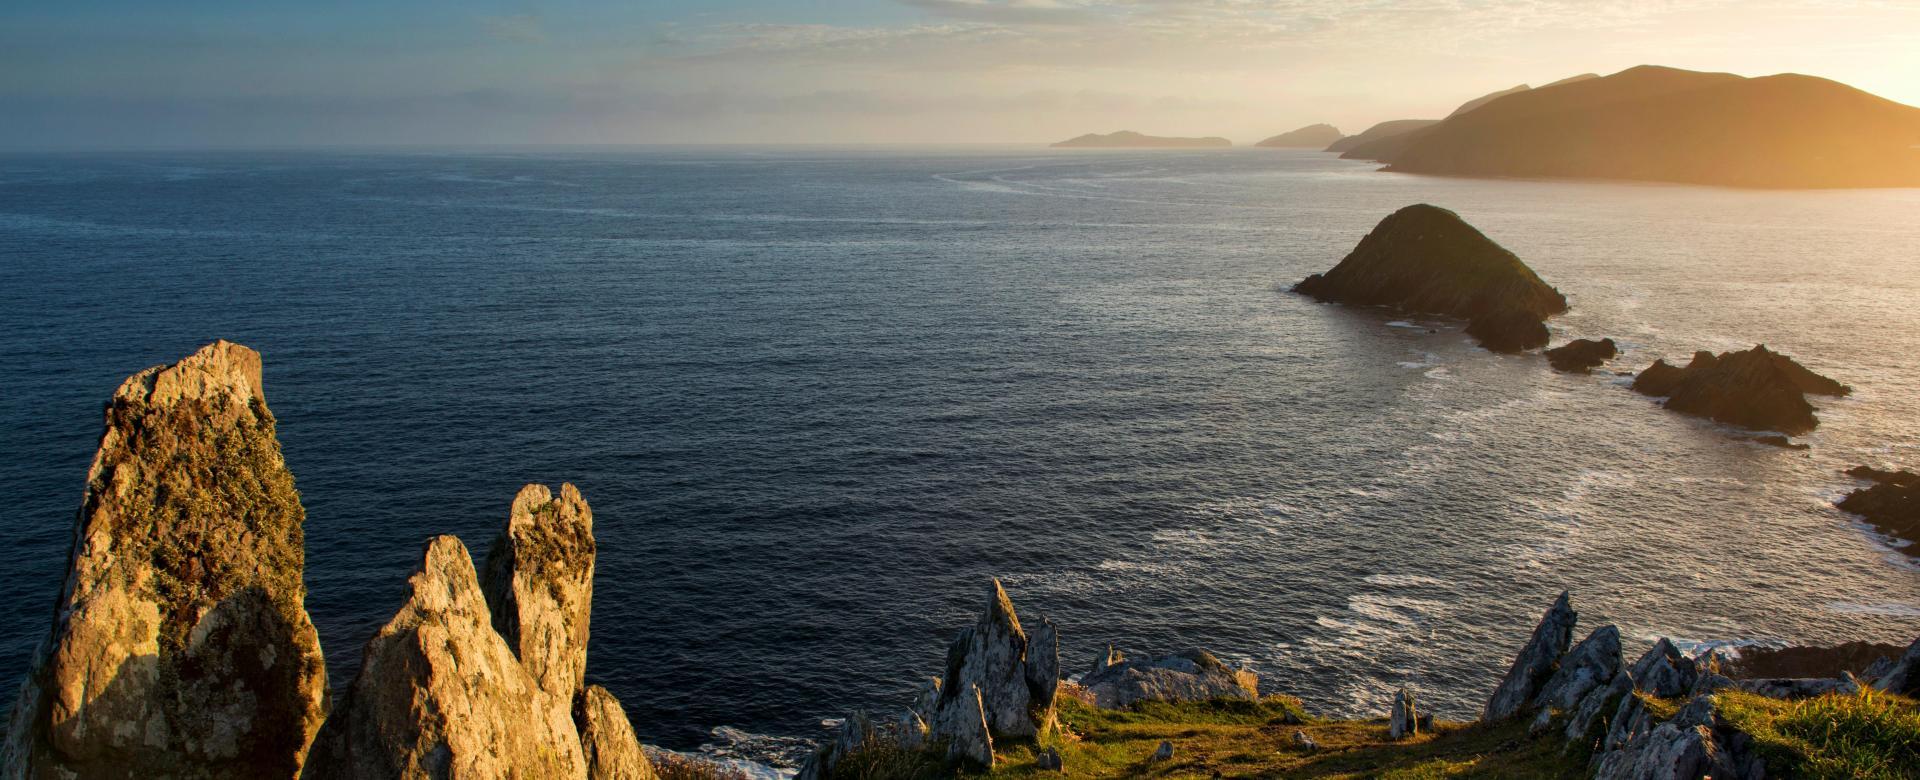 Voyage à pied Irlande : Dingle et les joyaux du kerry